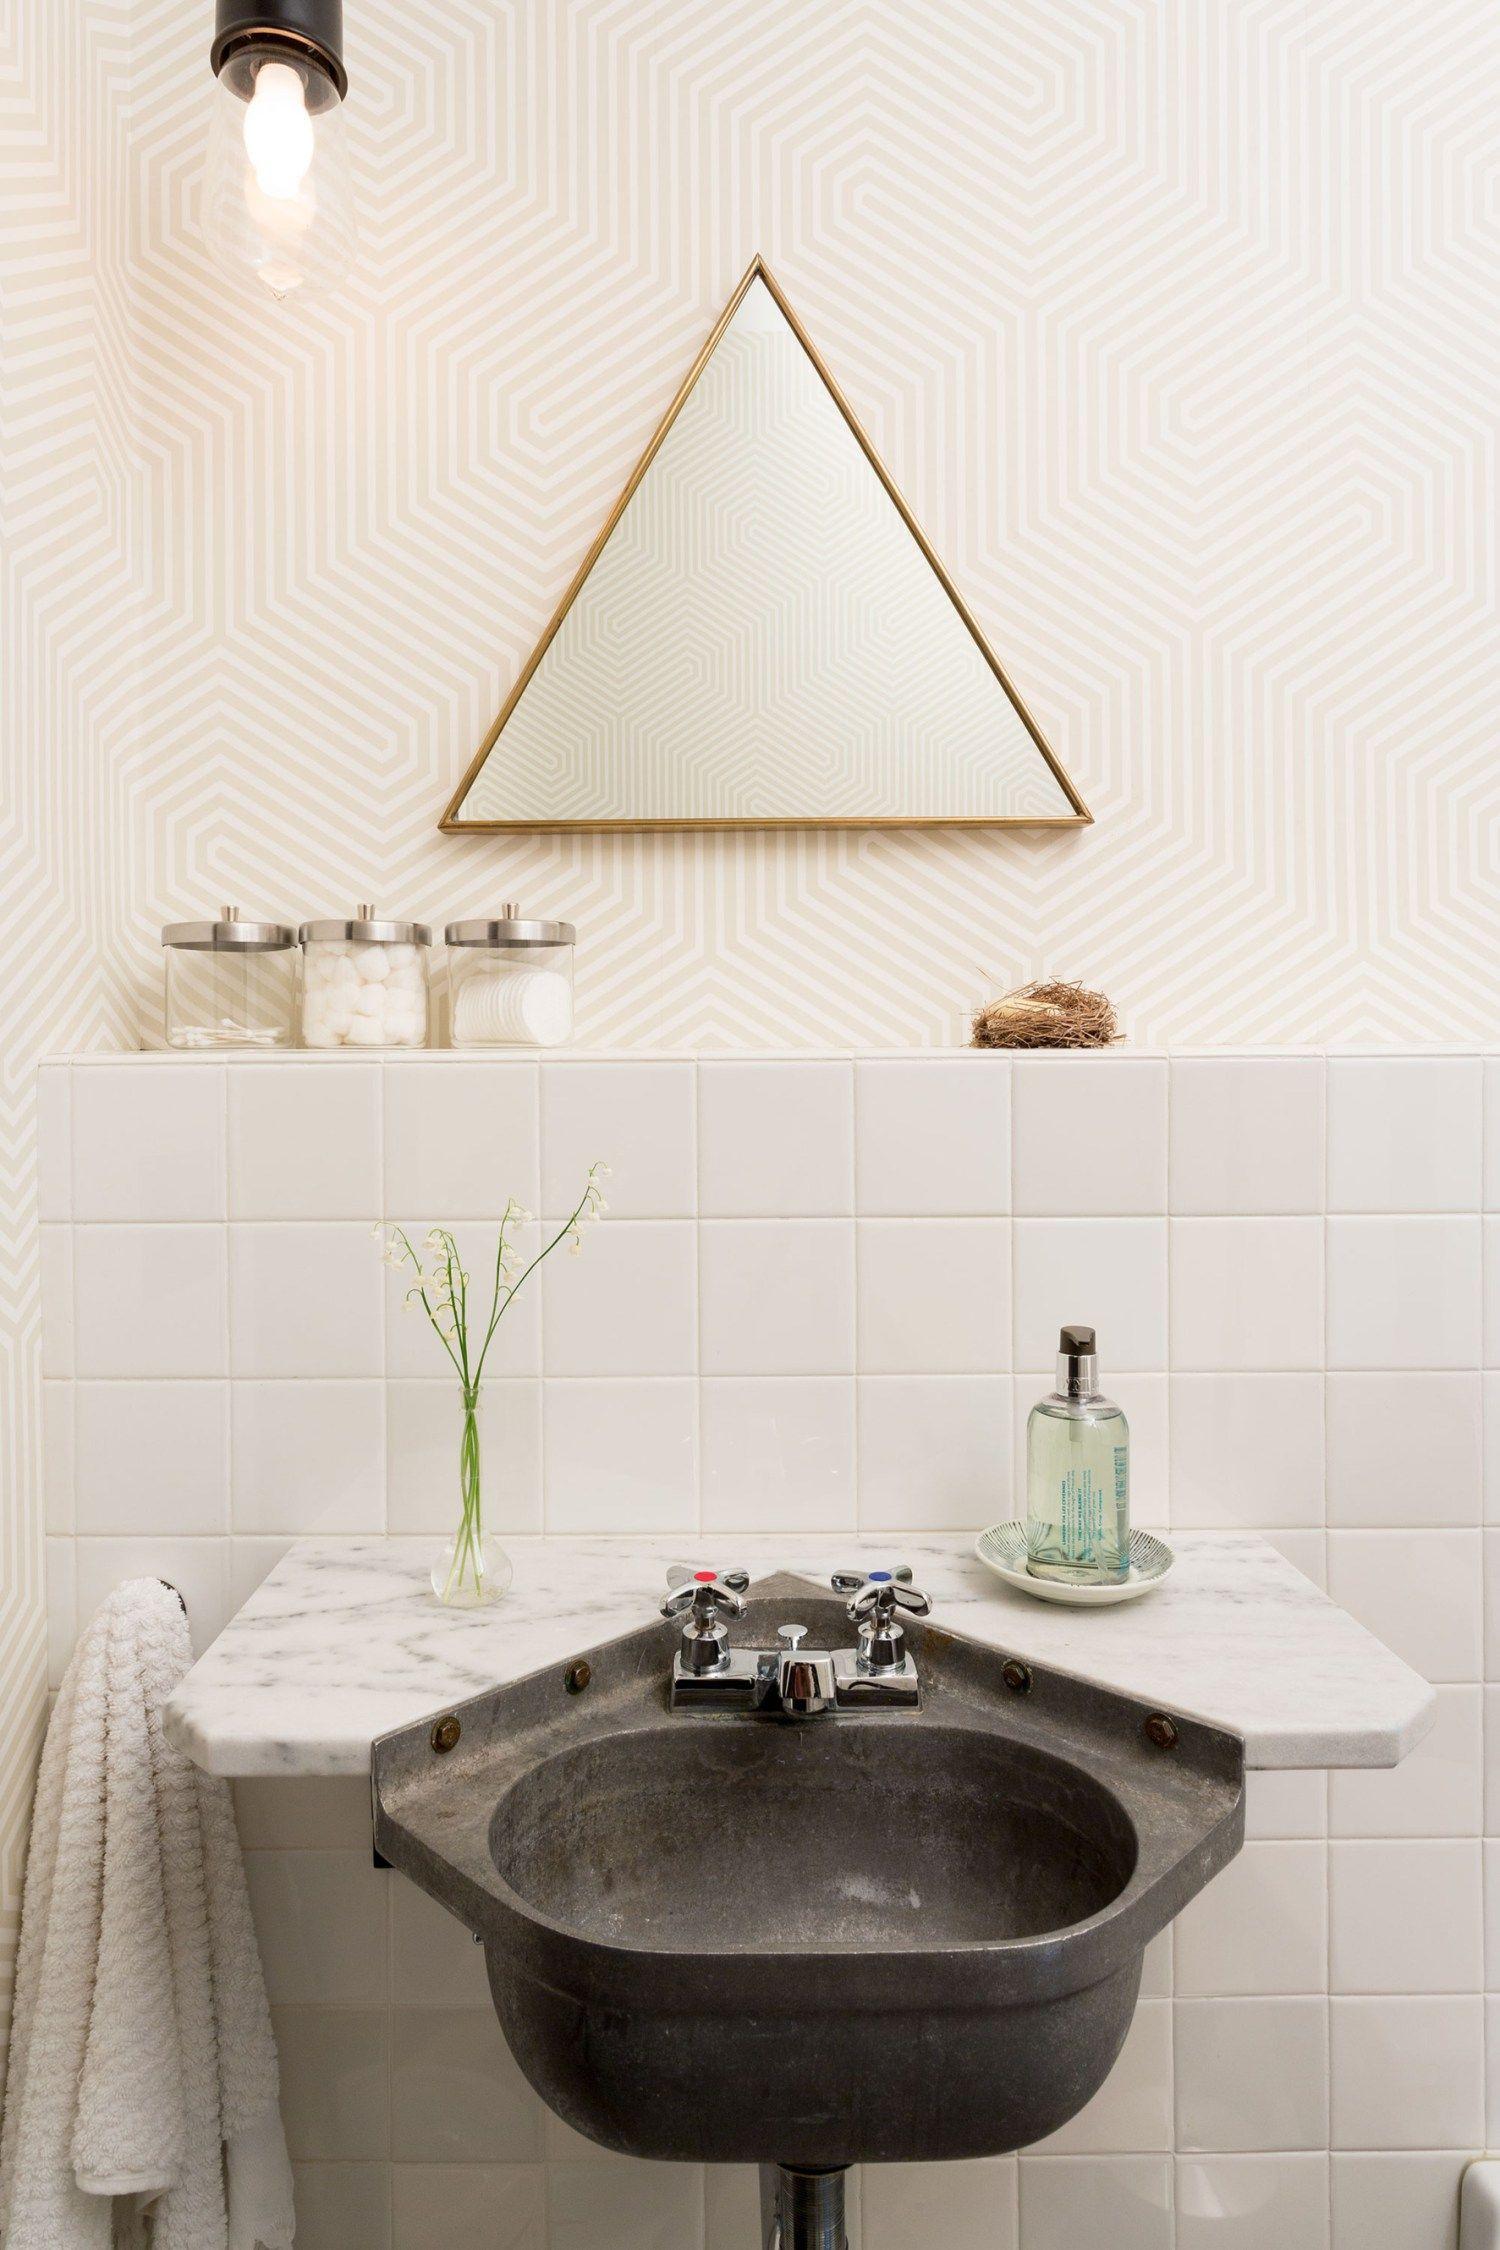 Modernes Badezimmer Mit Industrial Einflüssen Und Geometrischen Accessoires.